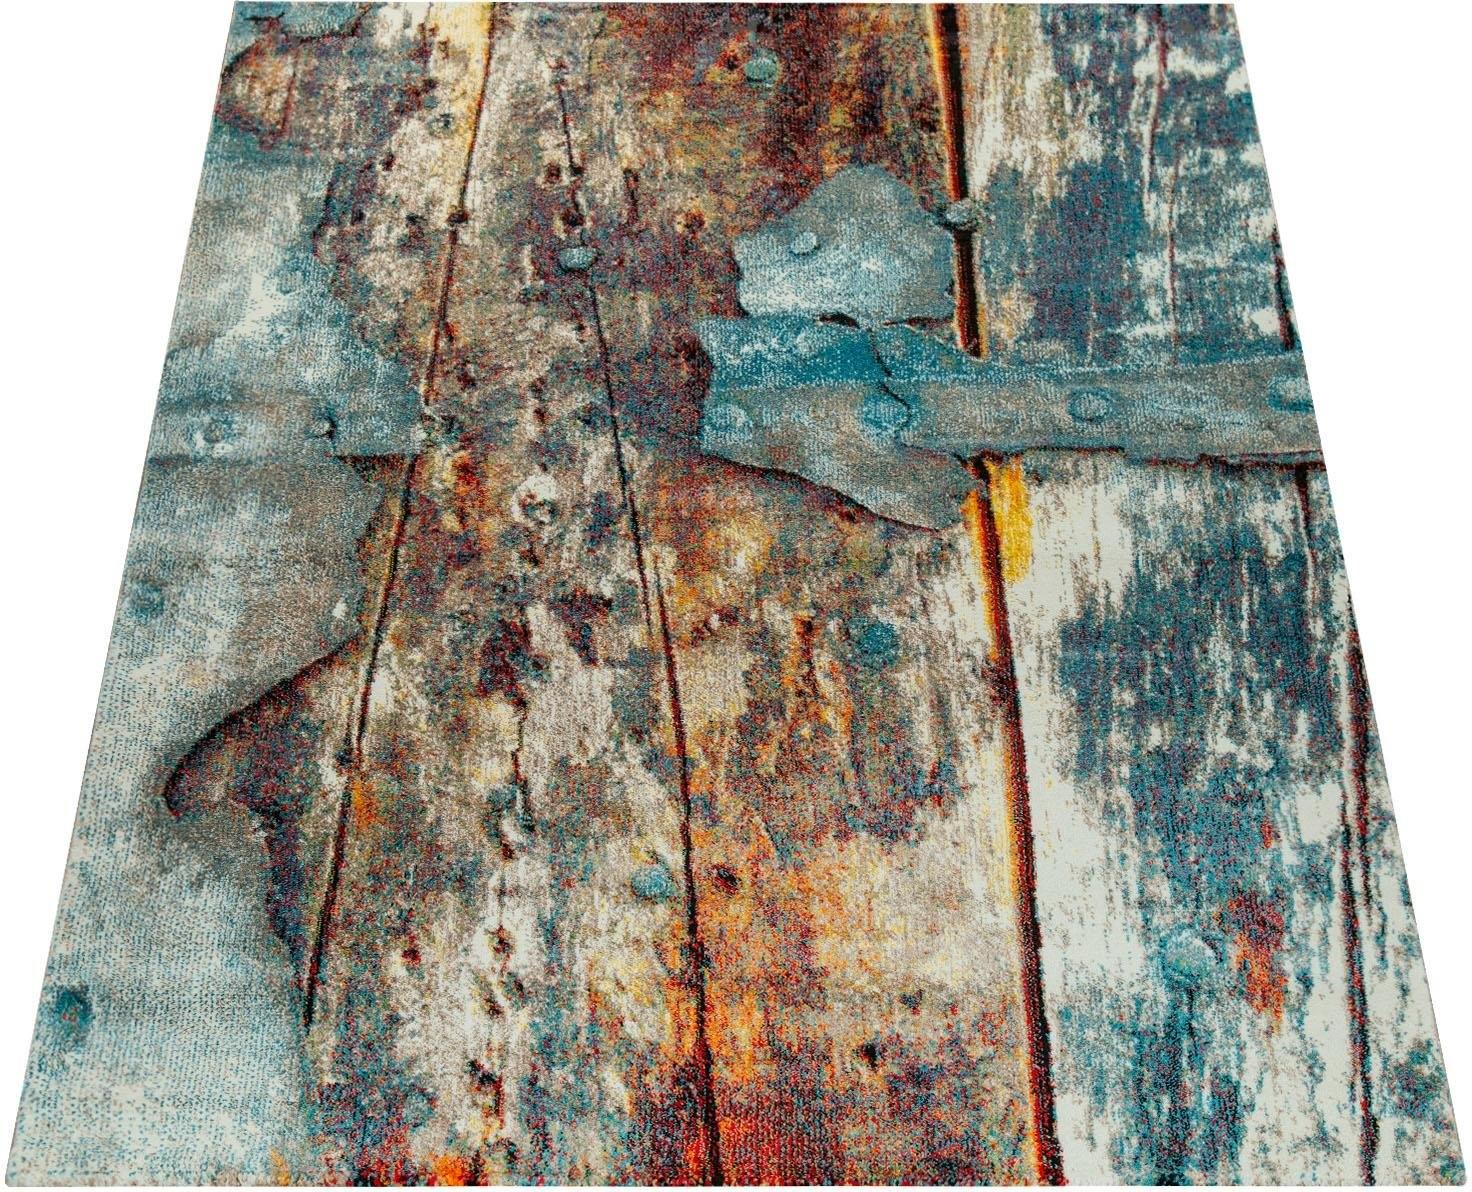 Op zoek naar een Paco Home Vloerkleed Natura 850 Korte pool met artistiek houten platen design, woonkamer? Koop online bij OTTO